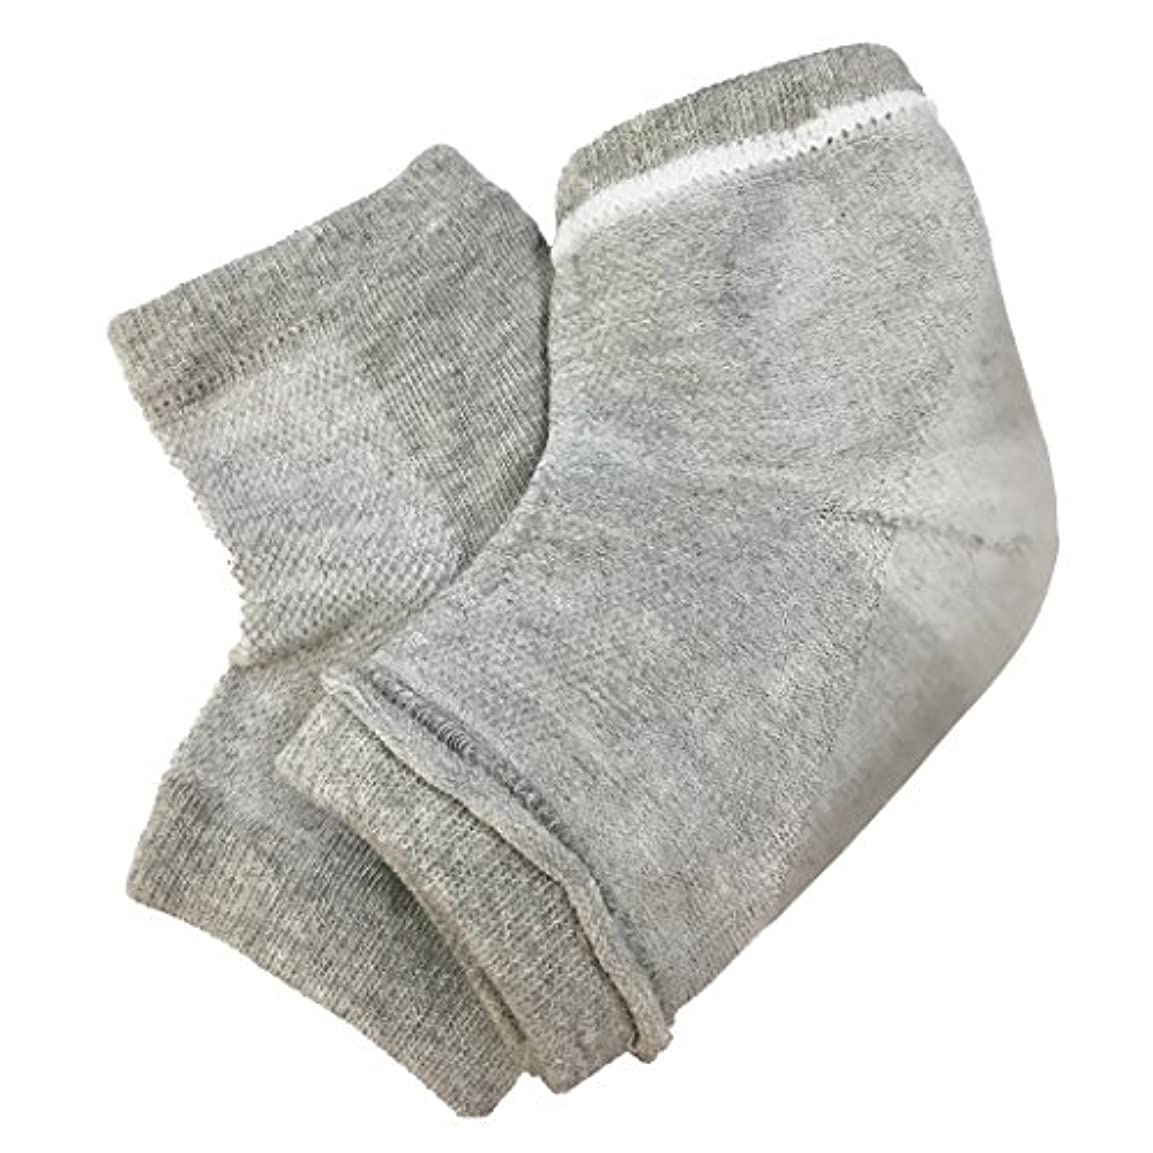 シリンダー回復創造fla-coco かかとケアソックス 【同色2足入り】 靴下 フットケア 角質ケア ひび割れ ガサガサ 保湿 ソックス (グレー【2足】)